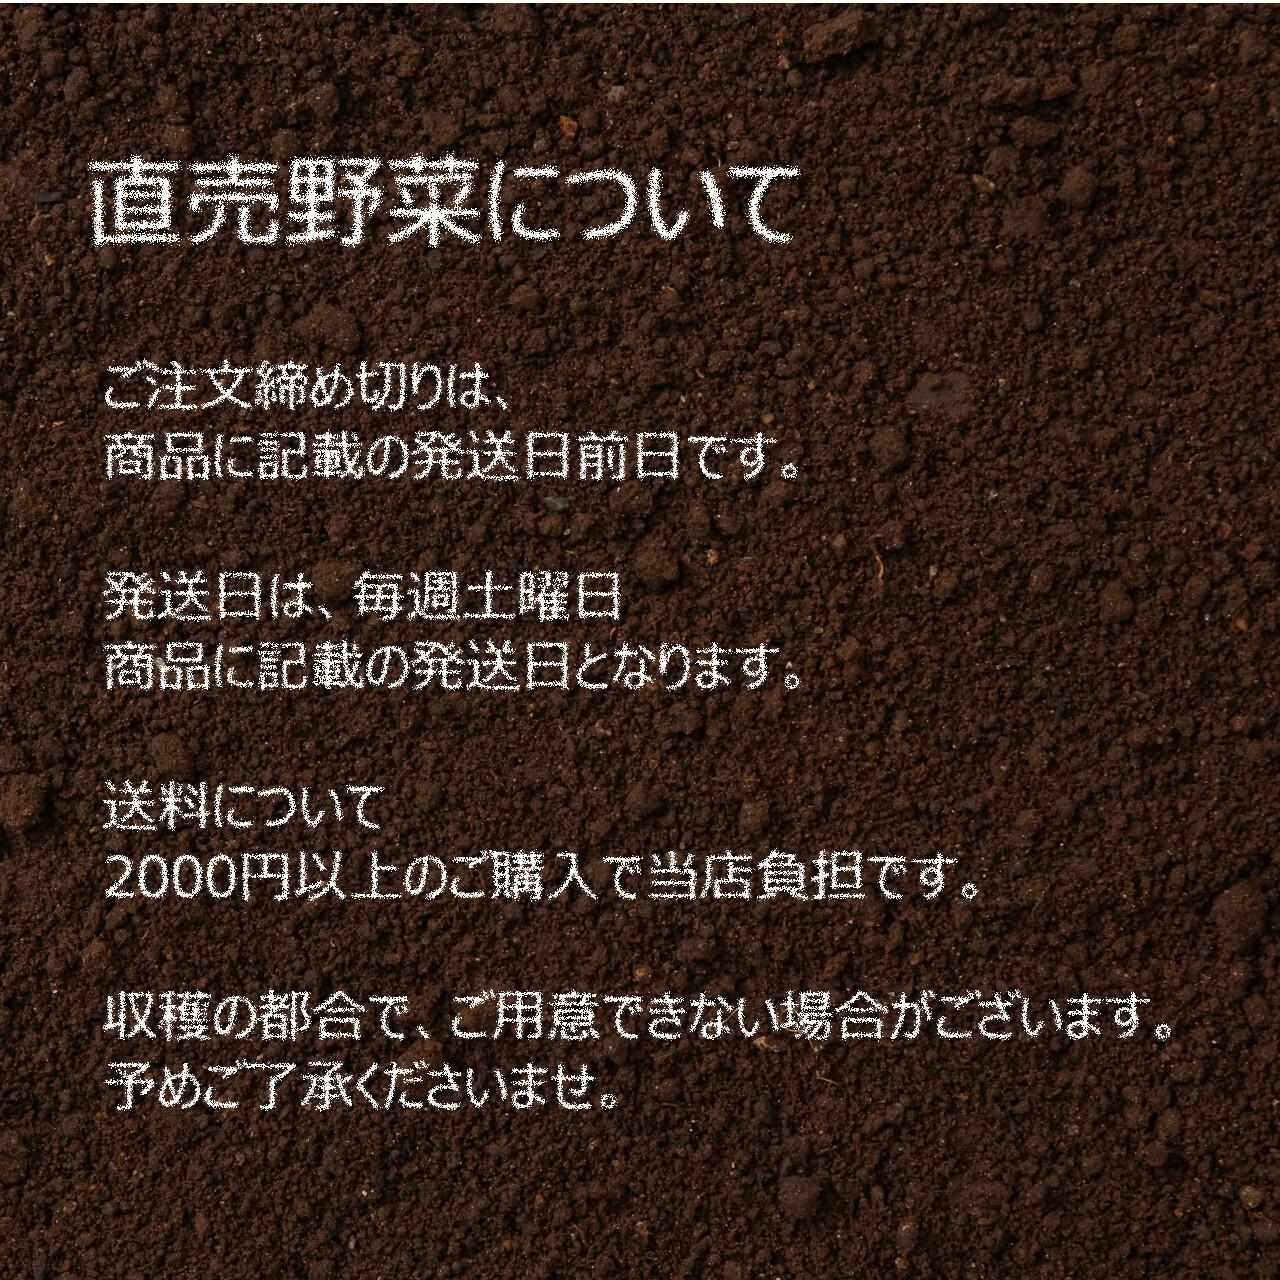 新鮮な夏野菜 : ニラ 約200g 8月の朝採り直売野菜 8月29日発送予定